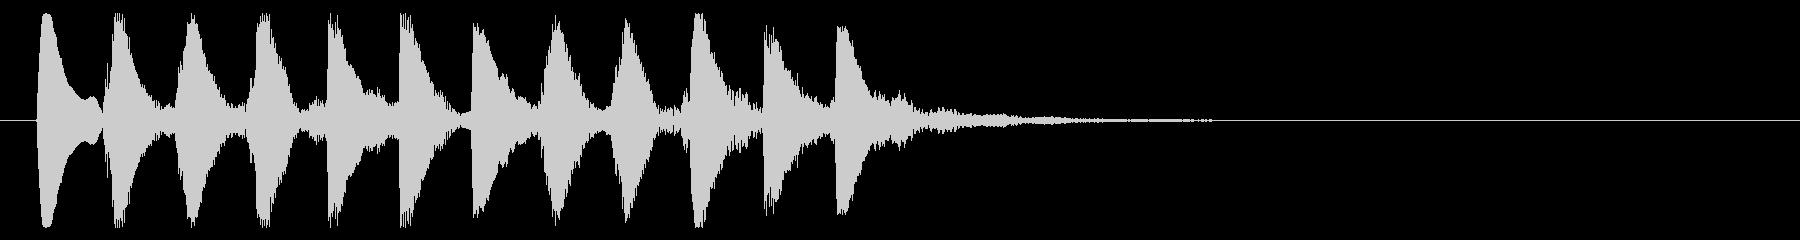 8ビット風システム音-16-4_revの未再生の波形